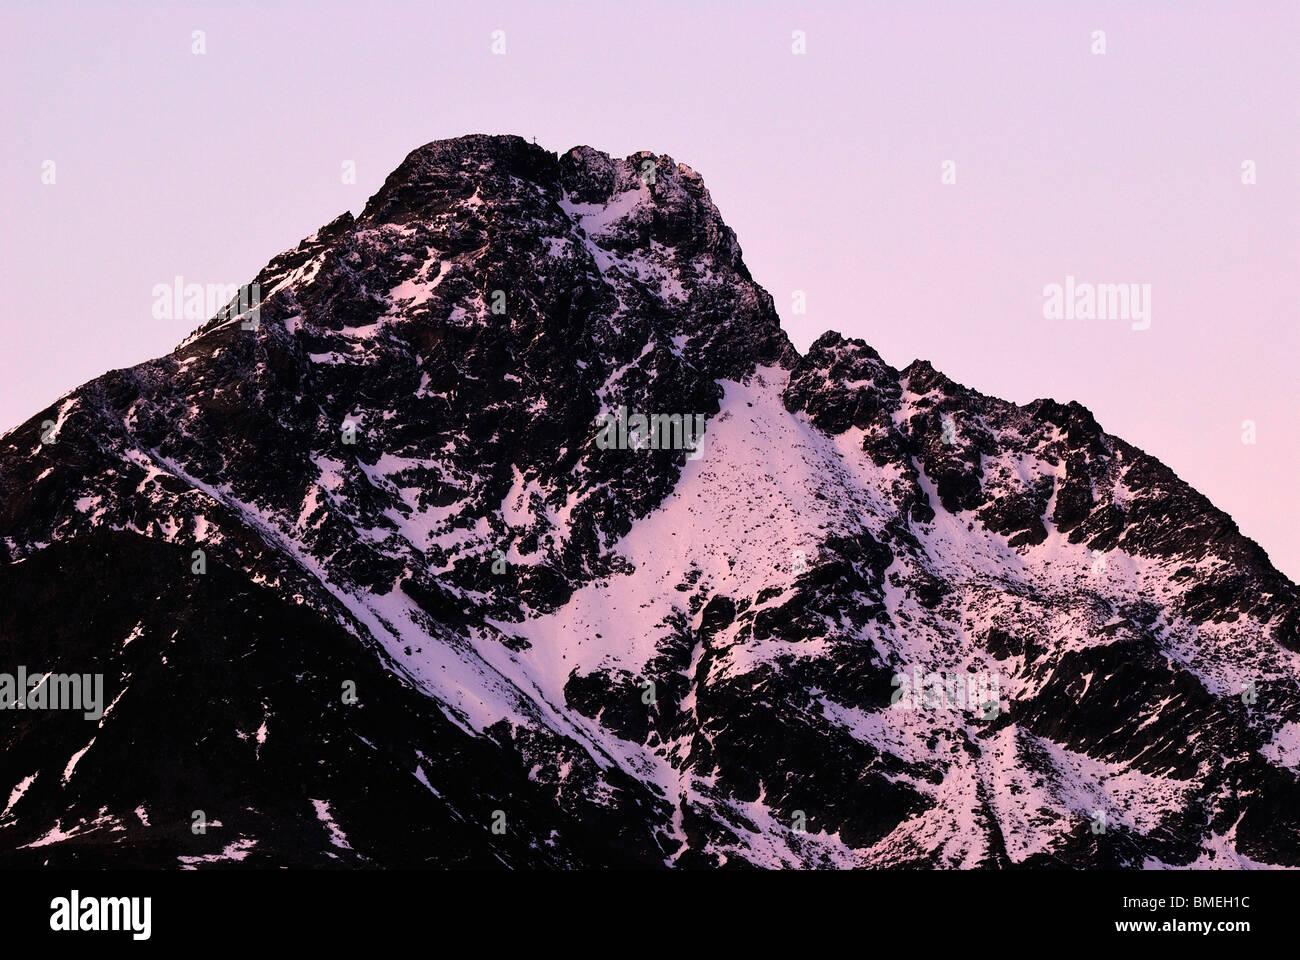 L'Europe, Autriche, montagne enneigée à l'aube Photo Stock